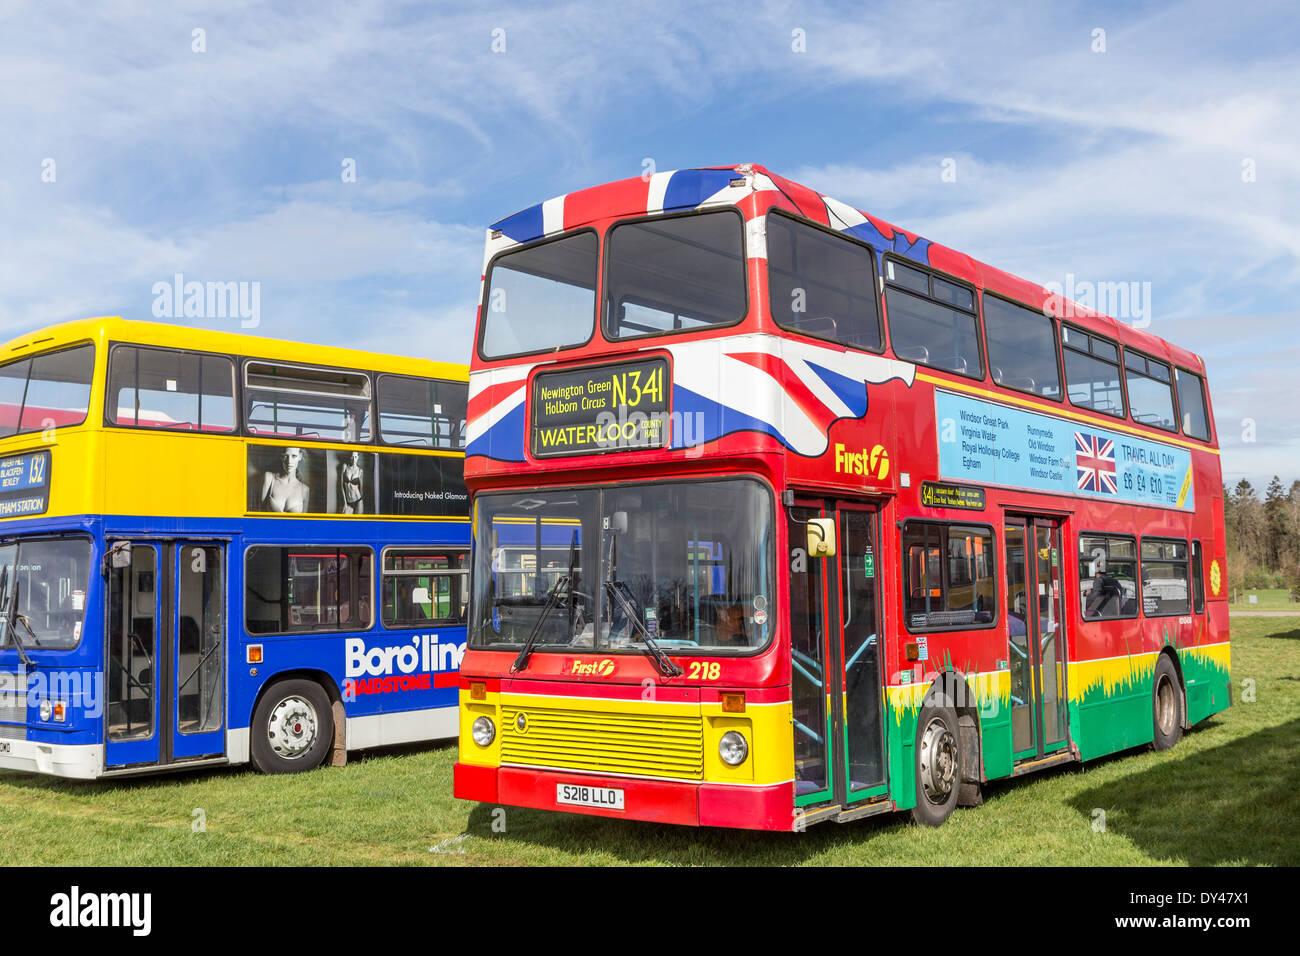 Autobuses modernos y coloridos en la pantalla de vehículos del patrimonio Imagen De Stock